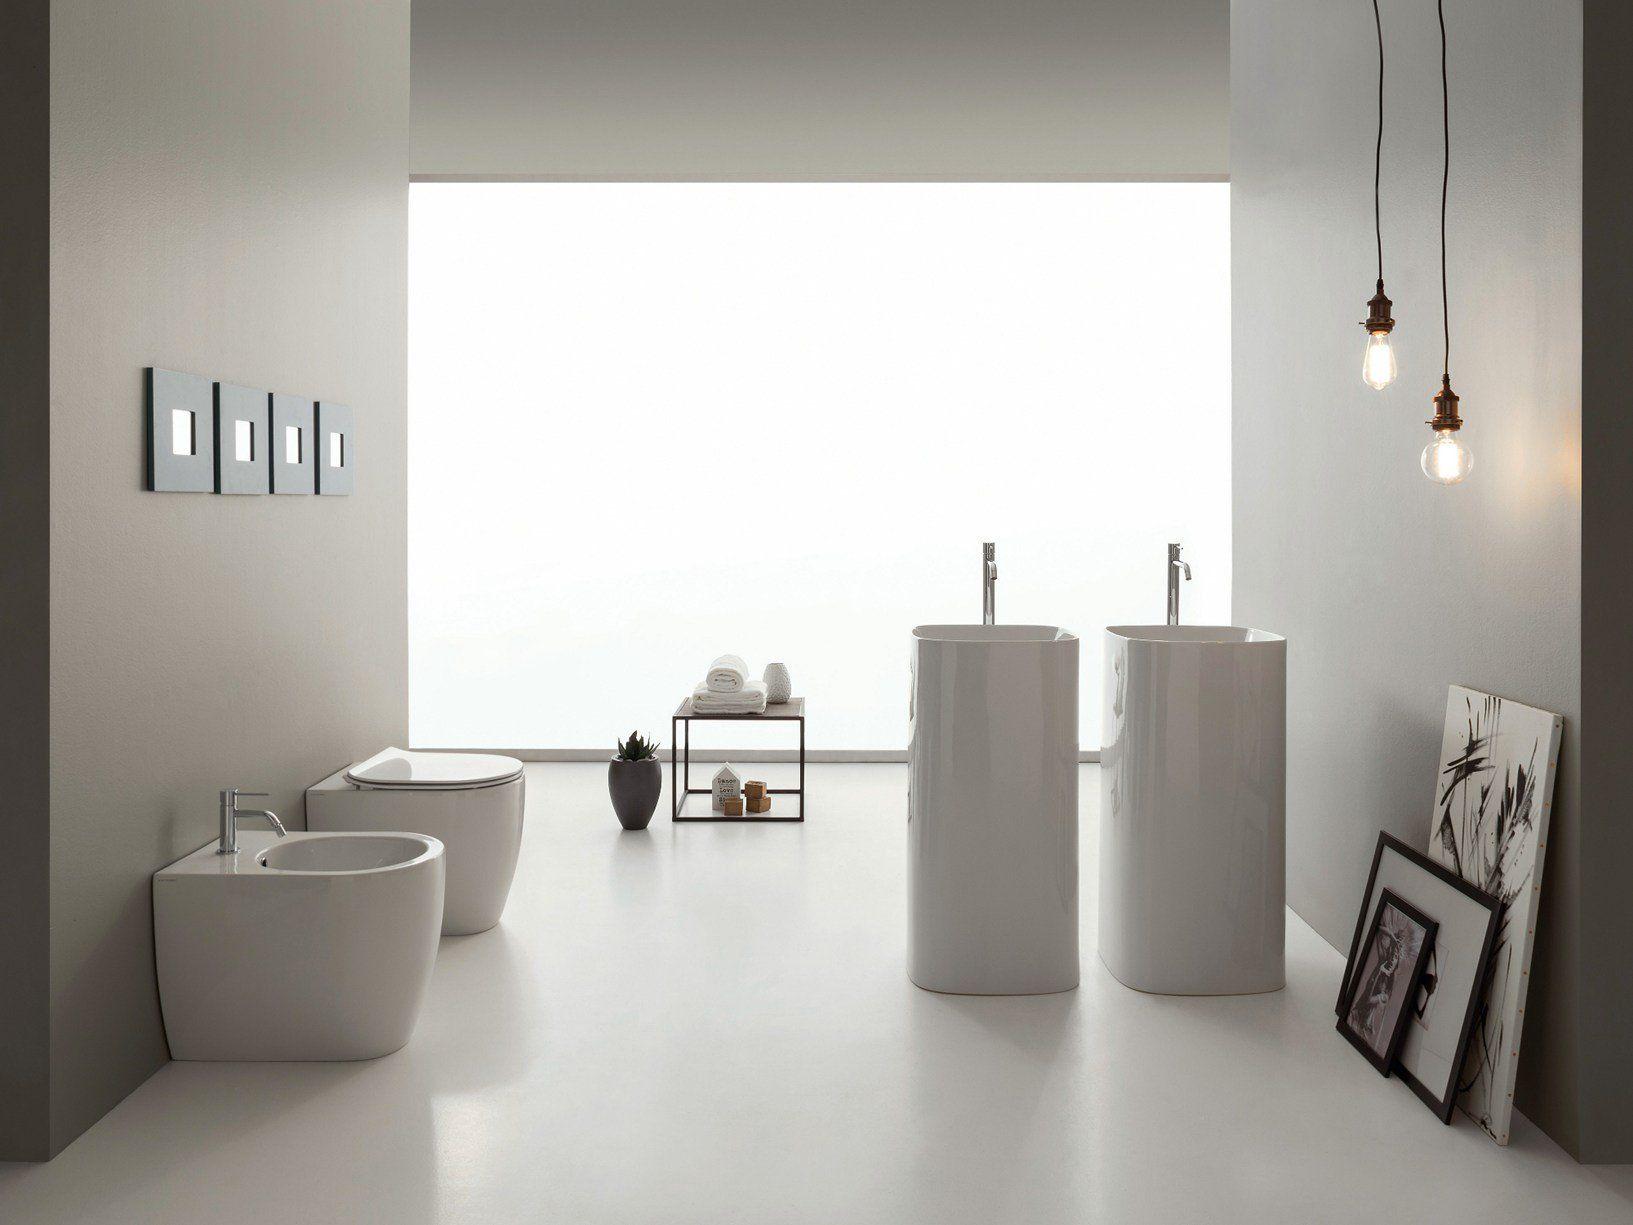 Moon minimalismo e leggerezza - Quadri in bagno ...